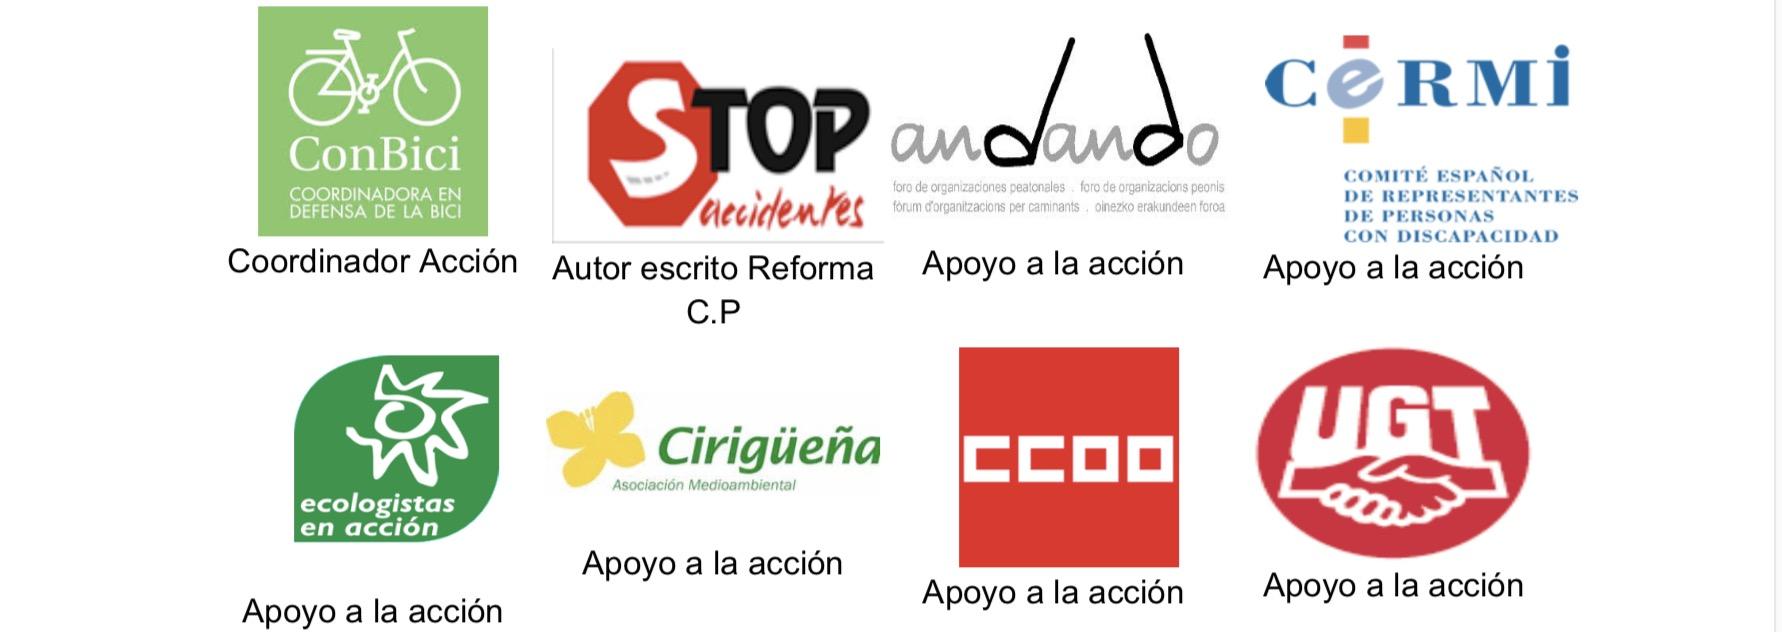 Logos de distintas asociaciones que apoyan la campaña de la reforma del Código penal en termino de seguridad vial ciclista